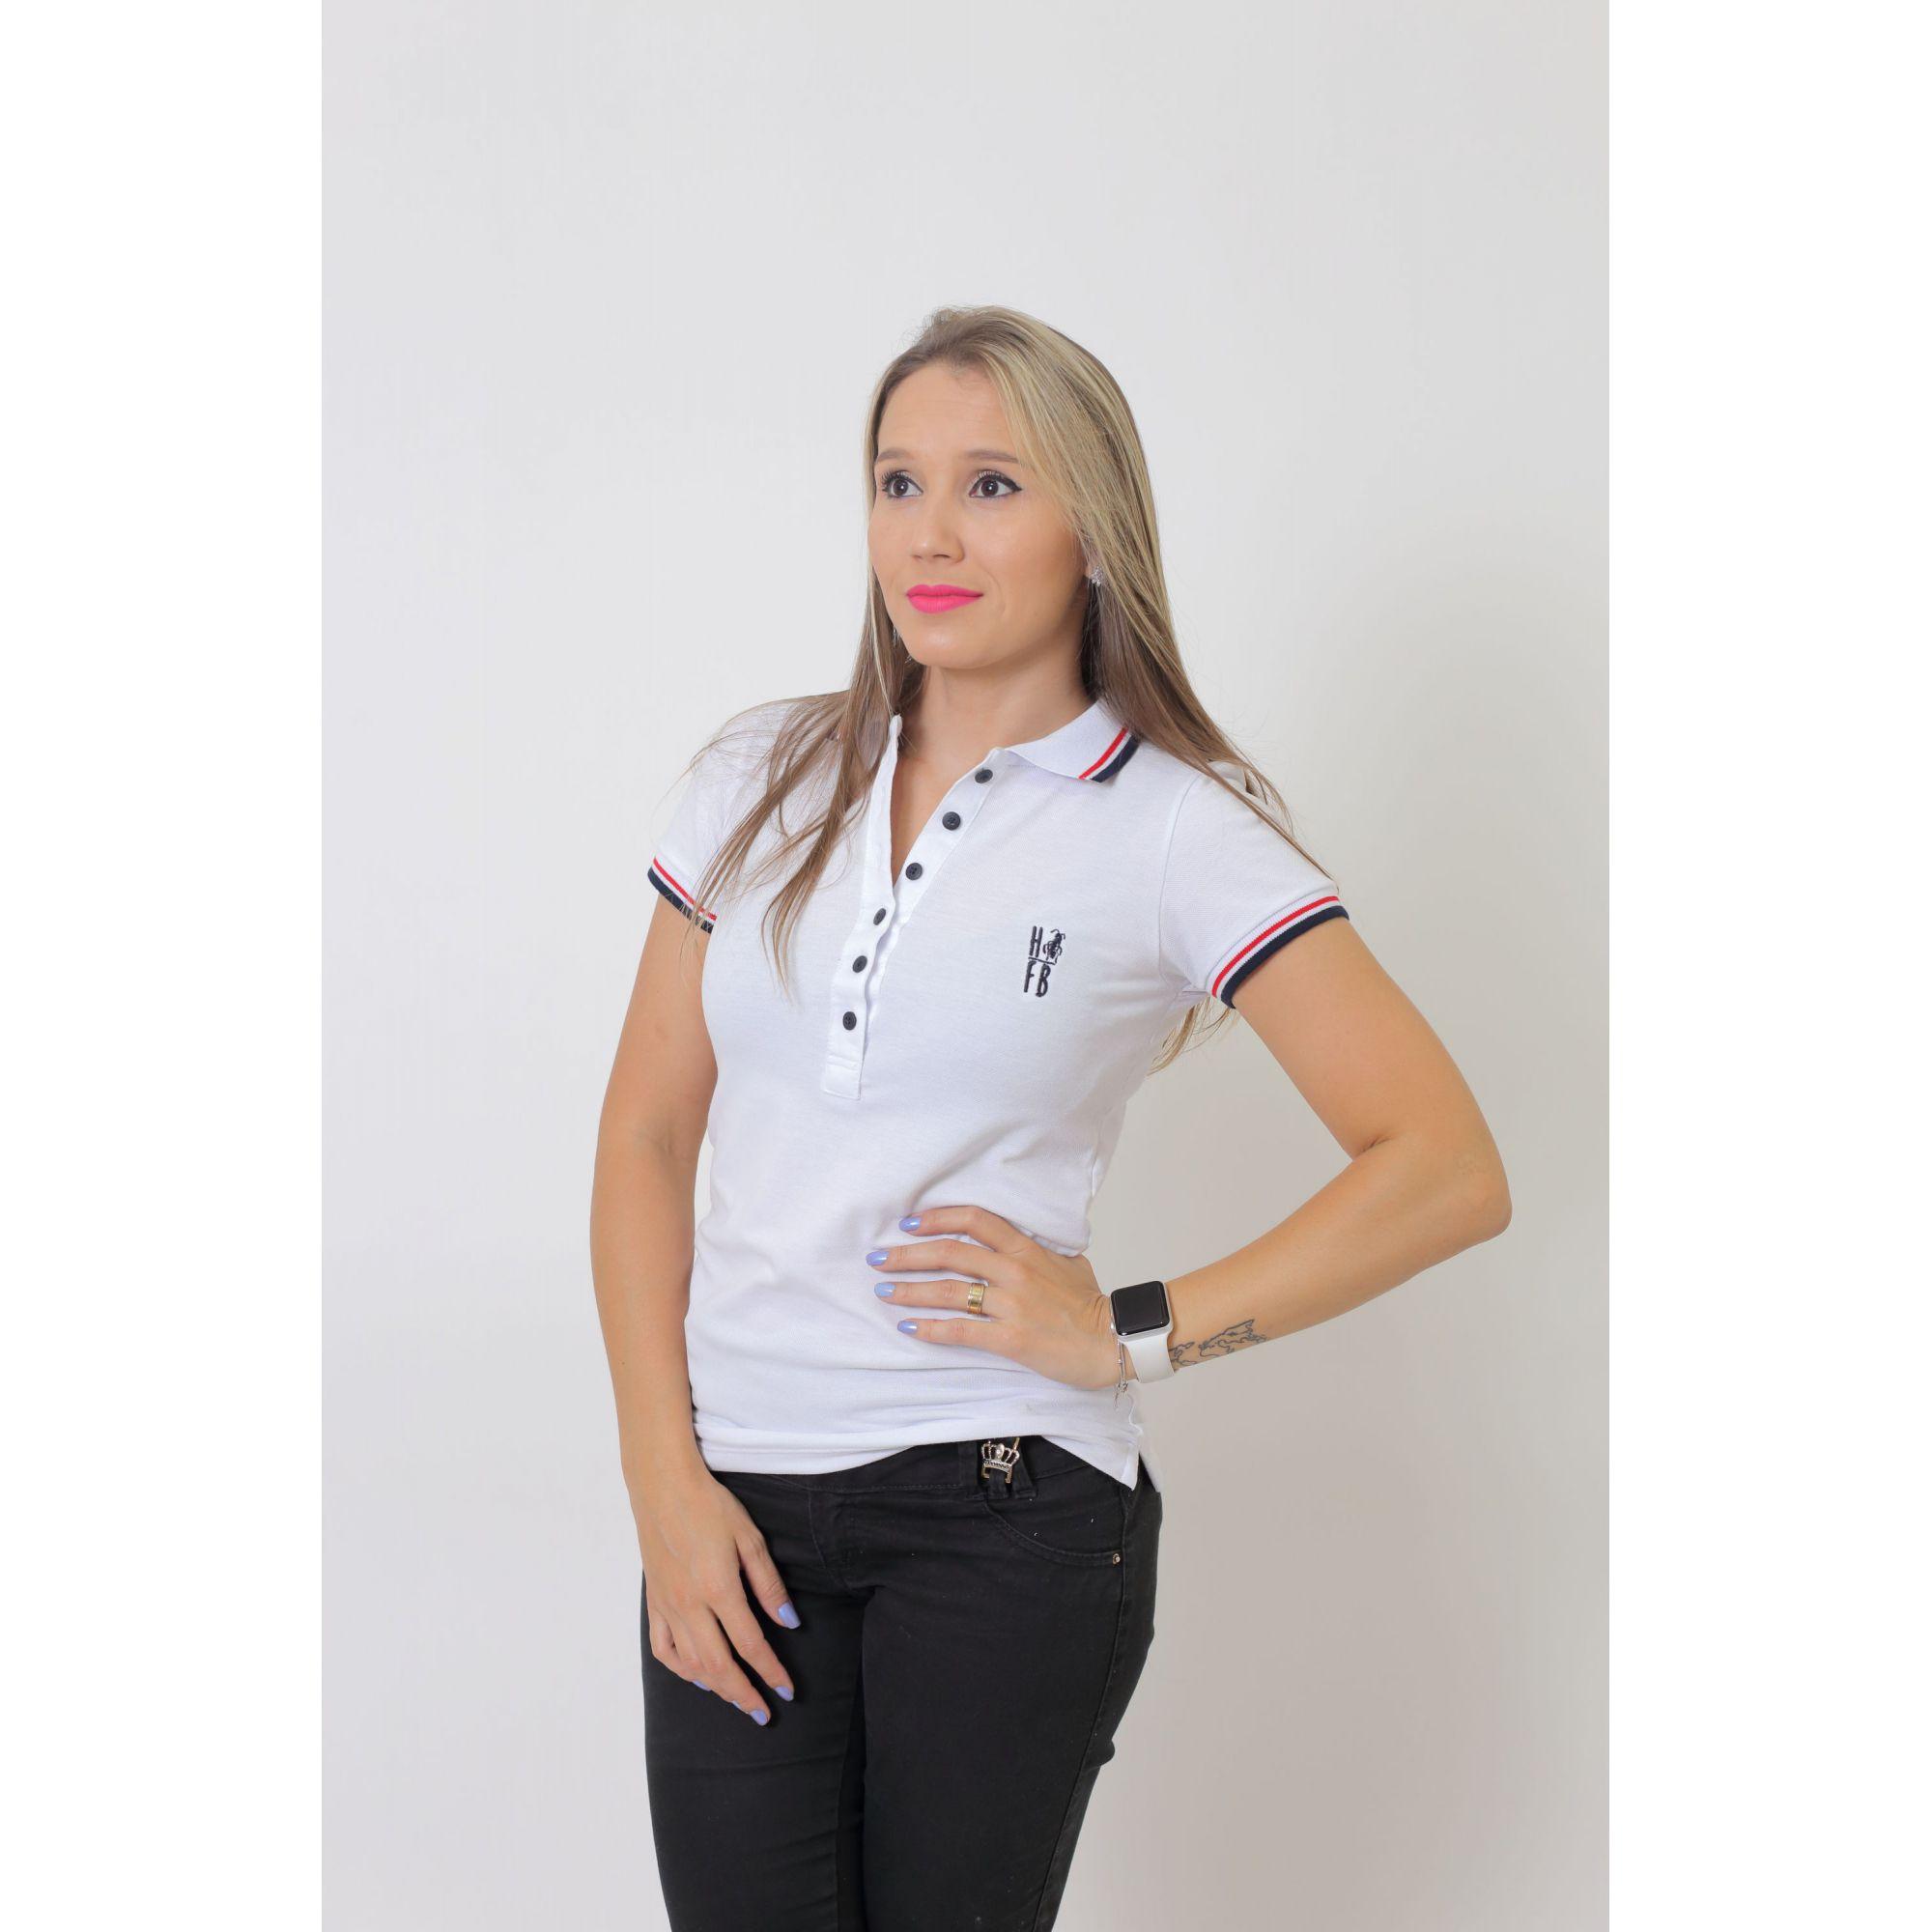 NAMORADOS > Kit 02 Peças Camisas Polo Masculina + Feminina Branca [Coleção Namorados]  - Heitor Fashion Brazil